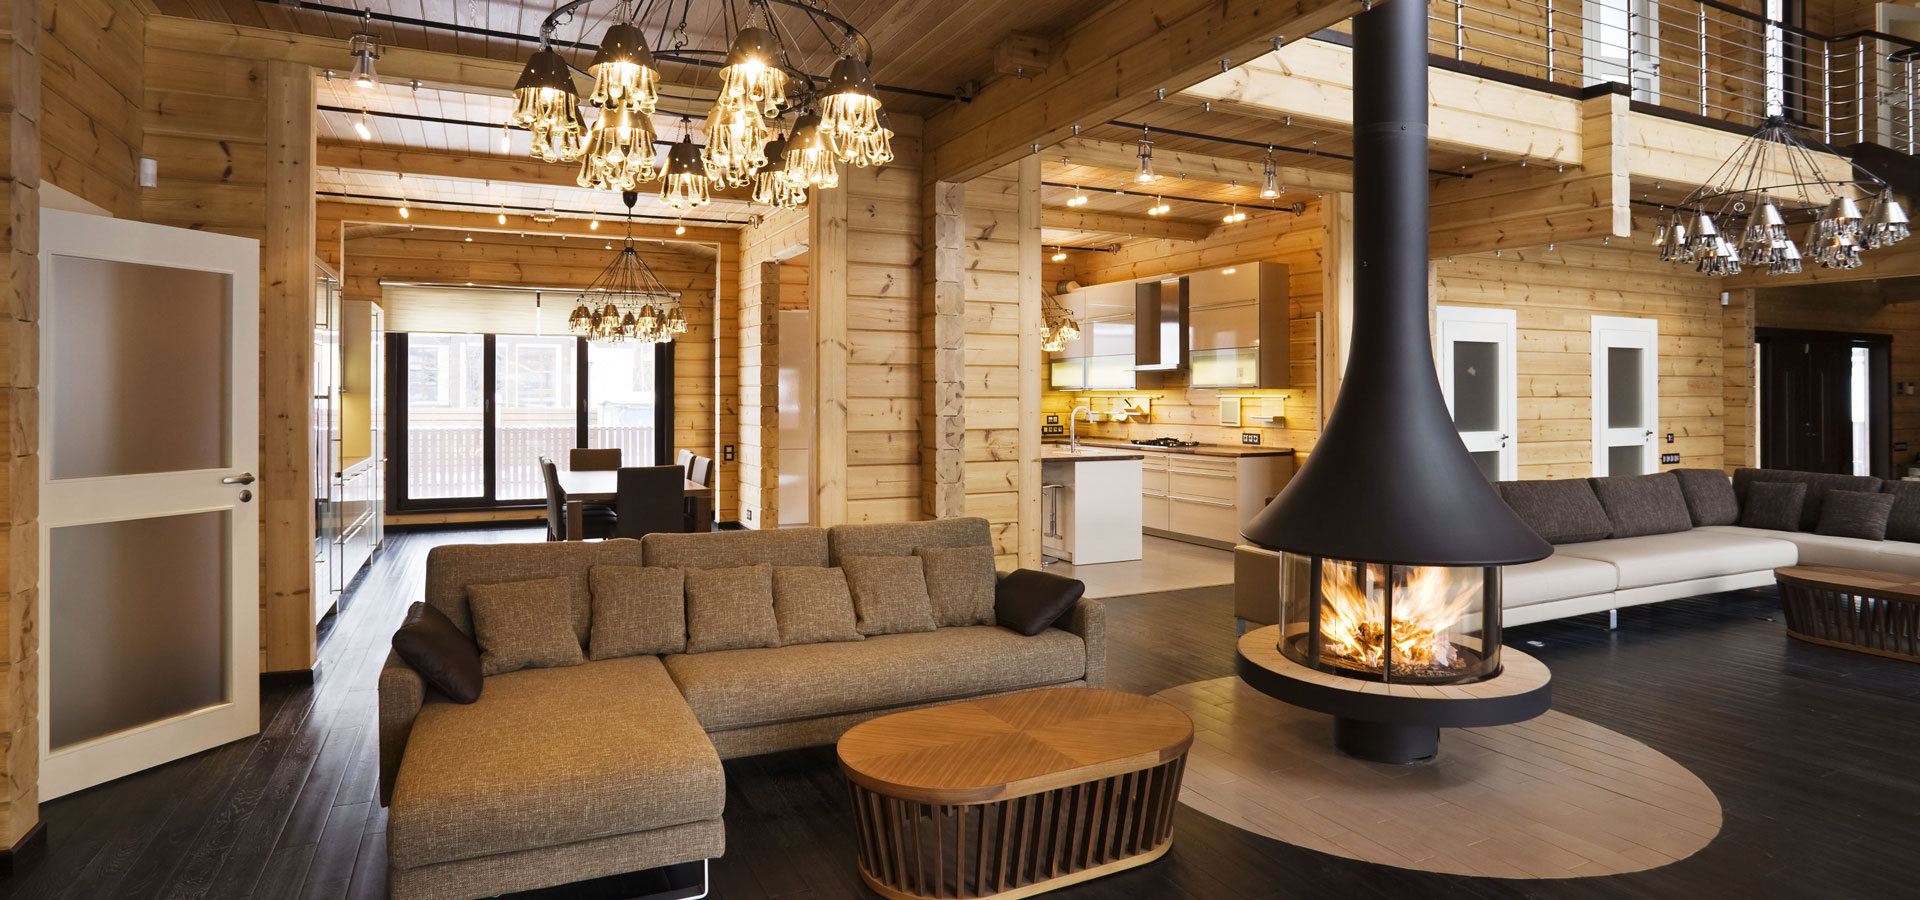 Rovaniemi maison en bois est spécialisé dans maison en bois de haute gamme